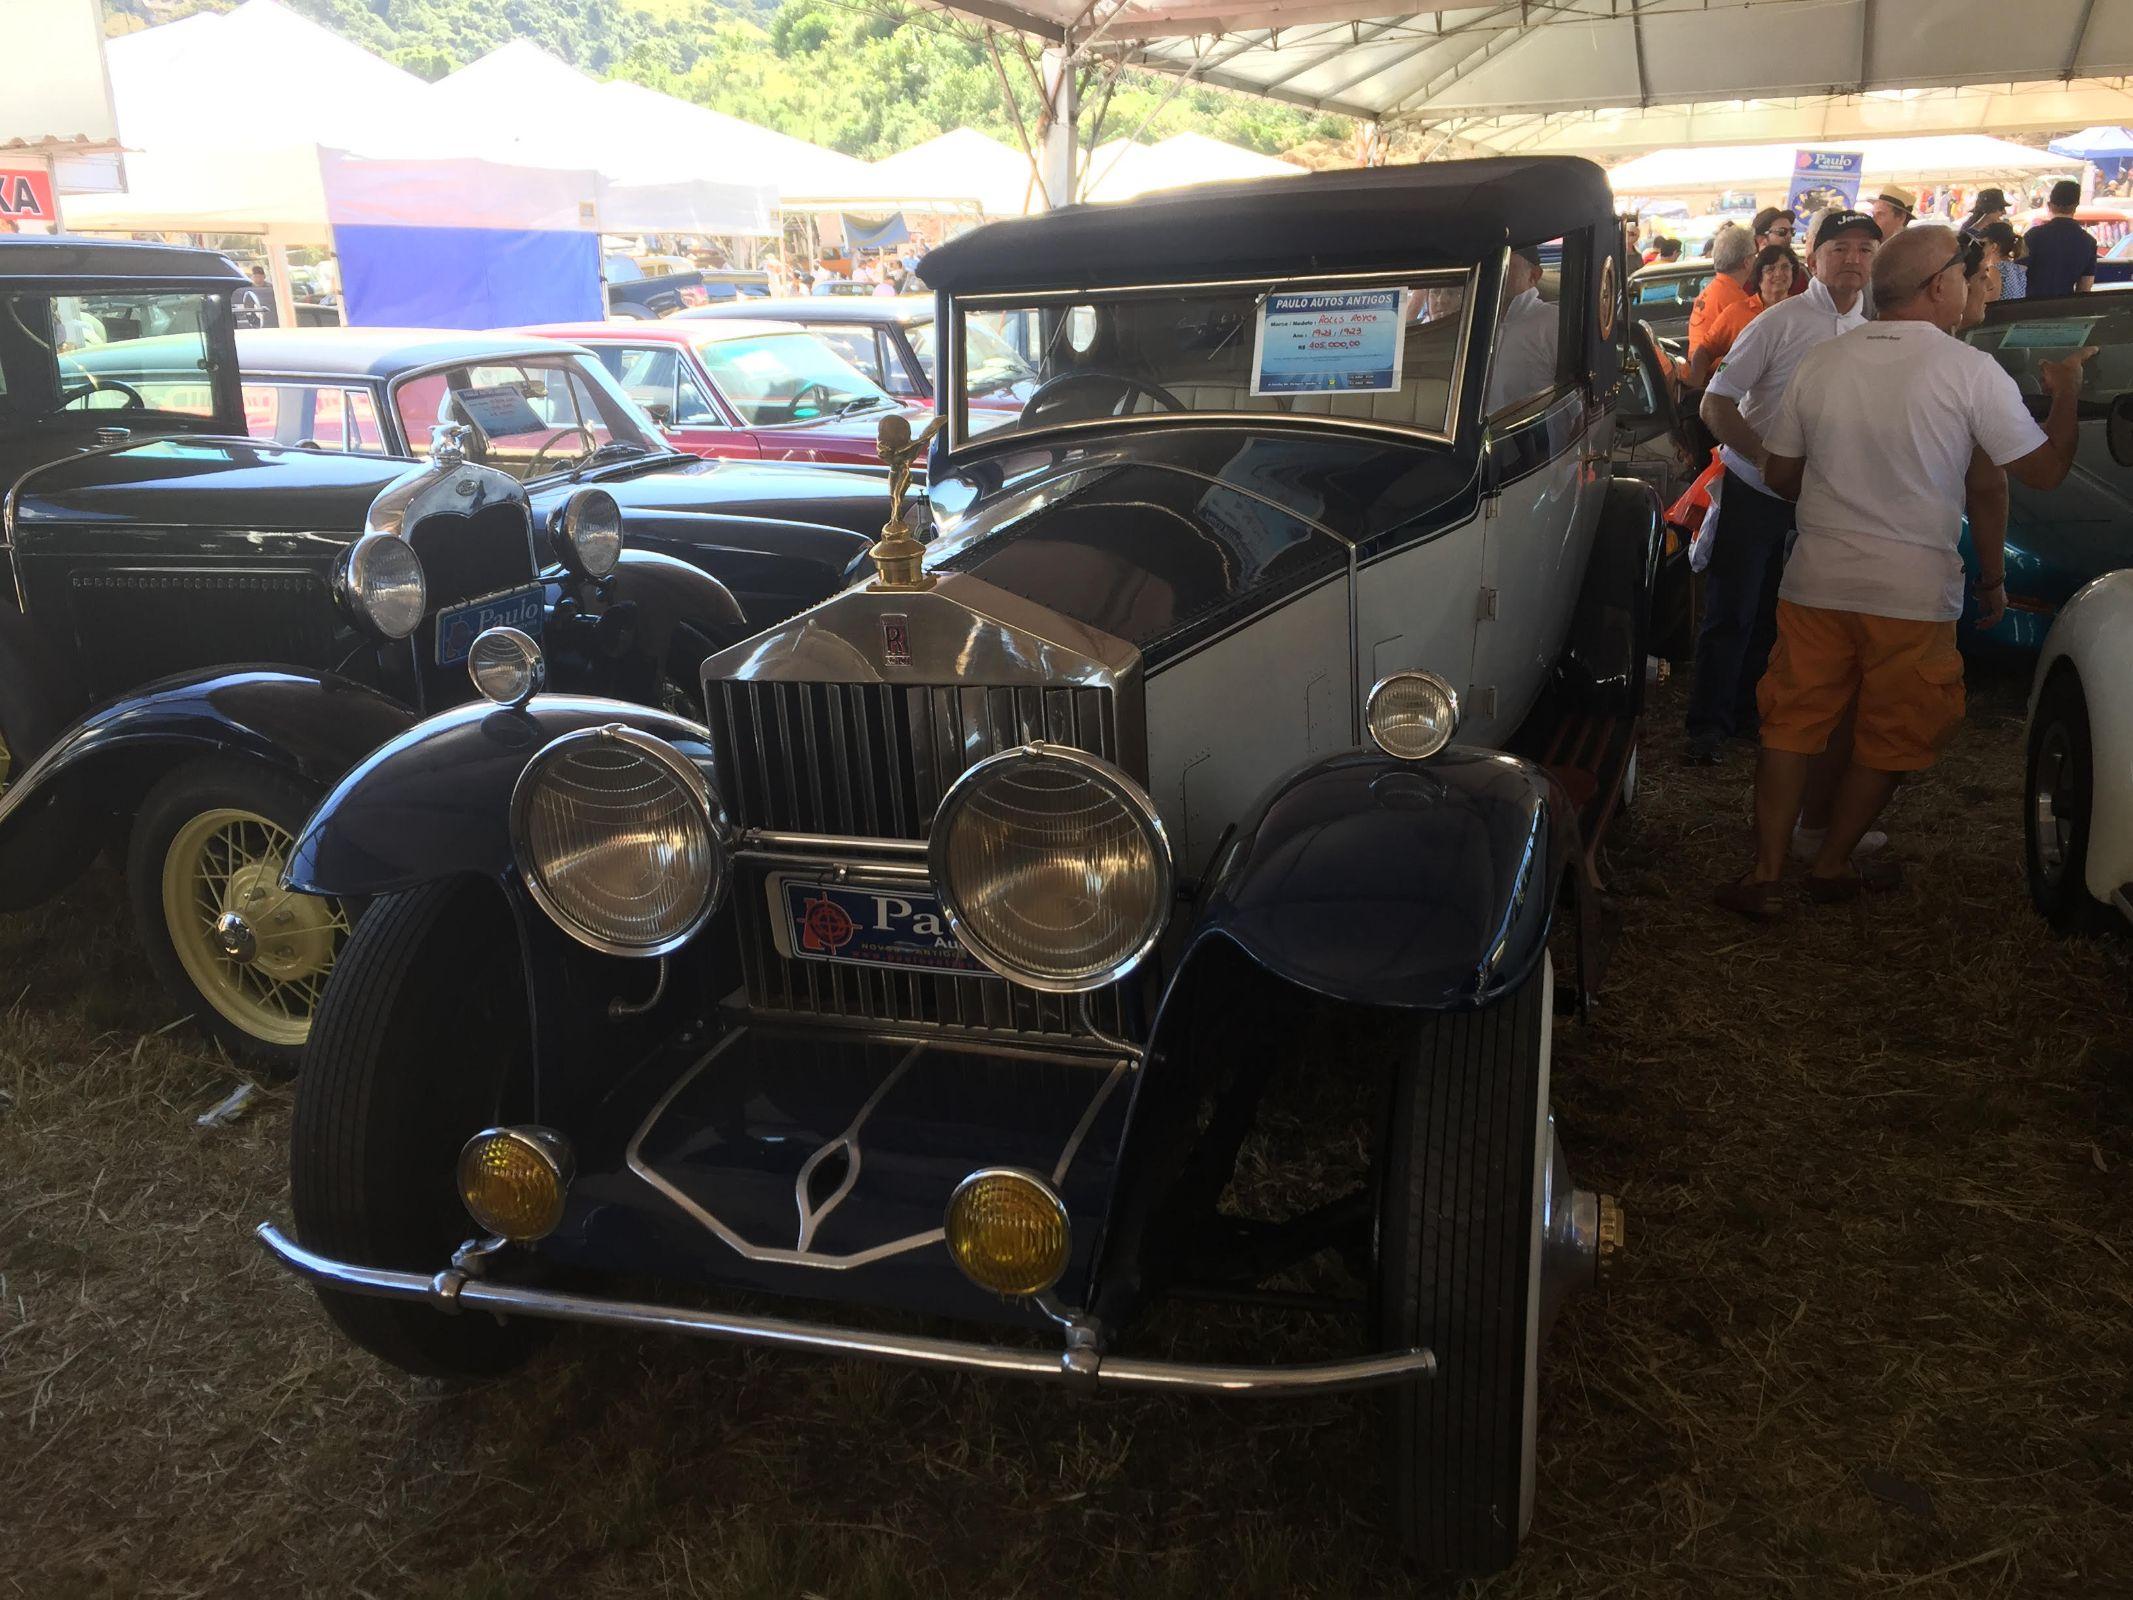 Rolls Royce 1923 no encontro de carros antigos Águas de Lindóia 2018